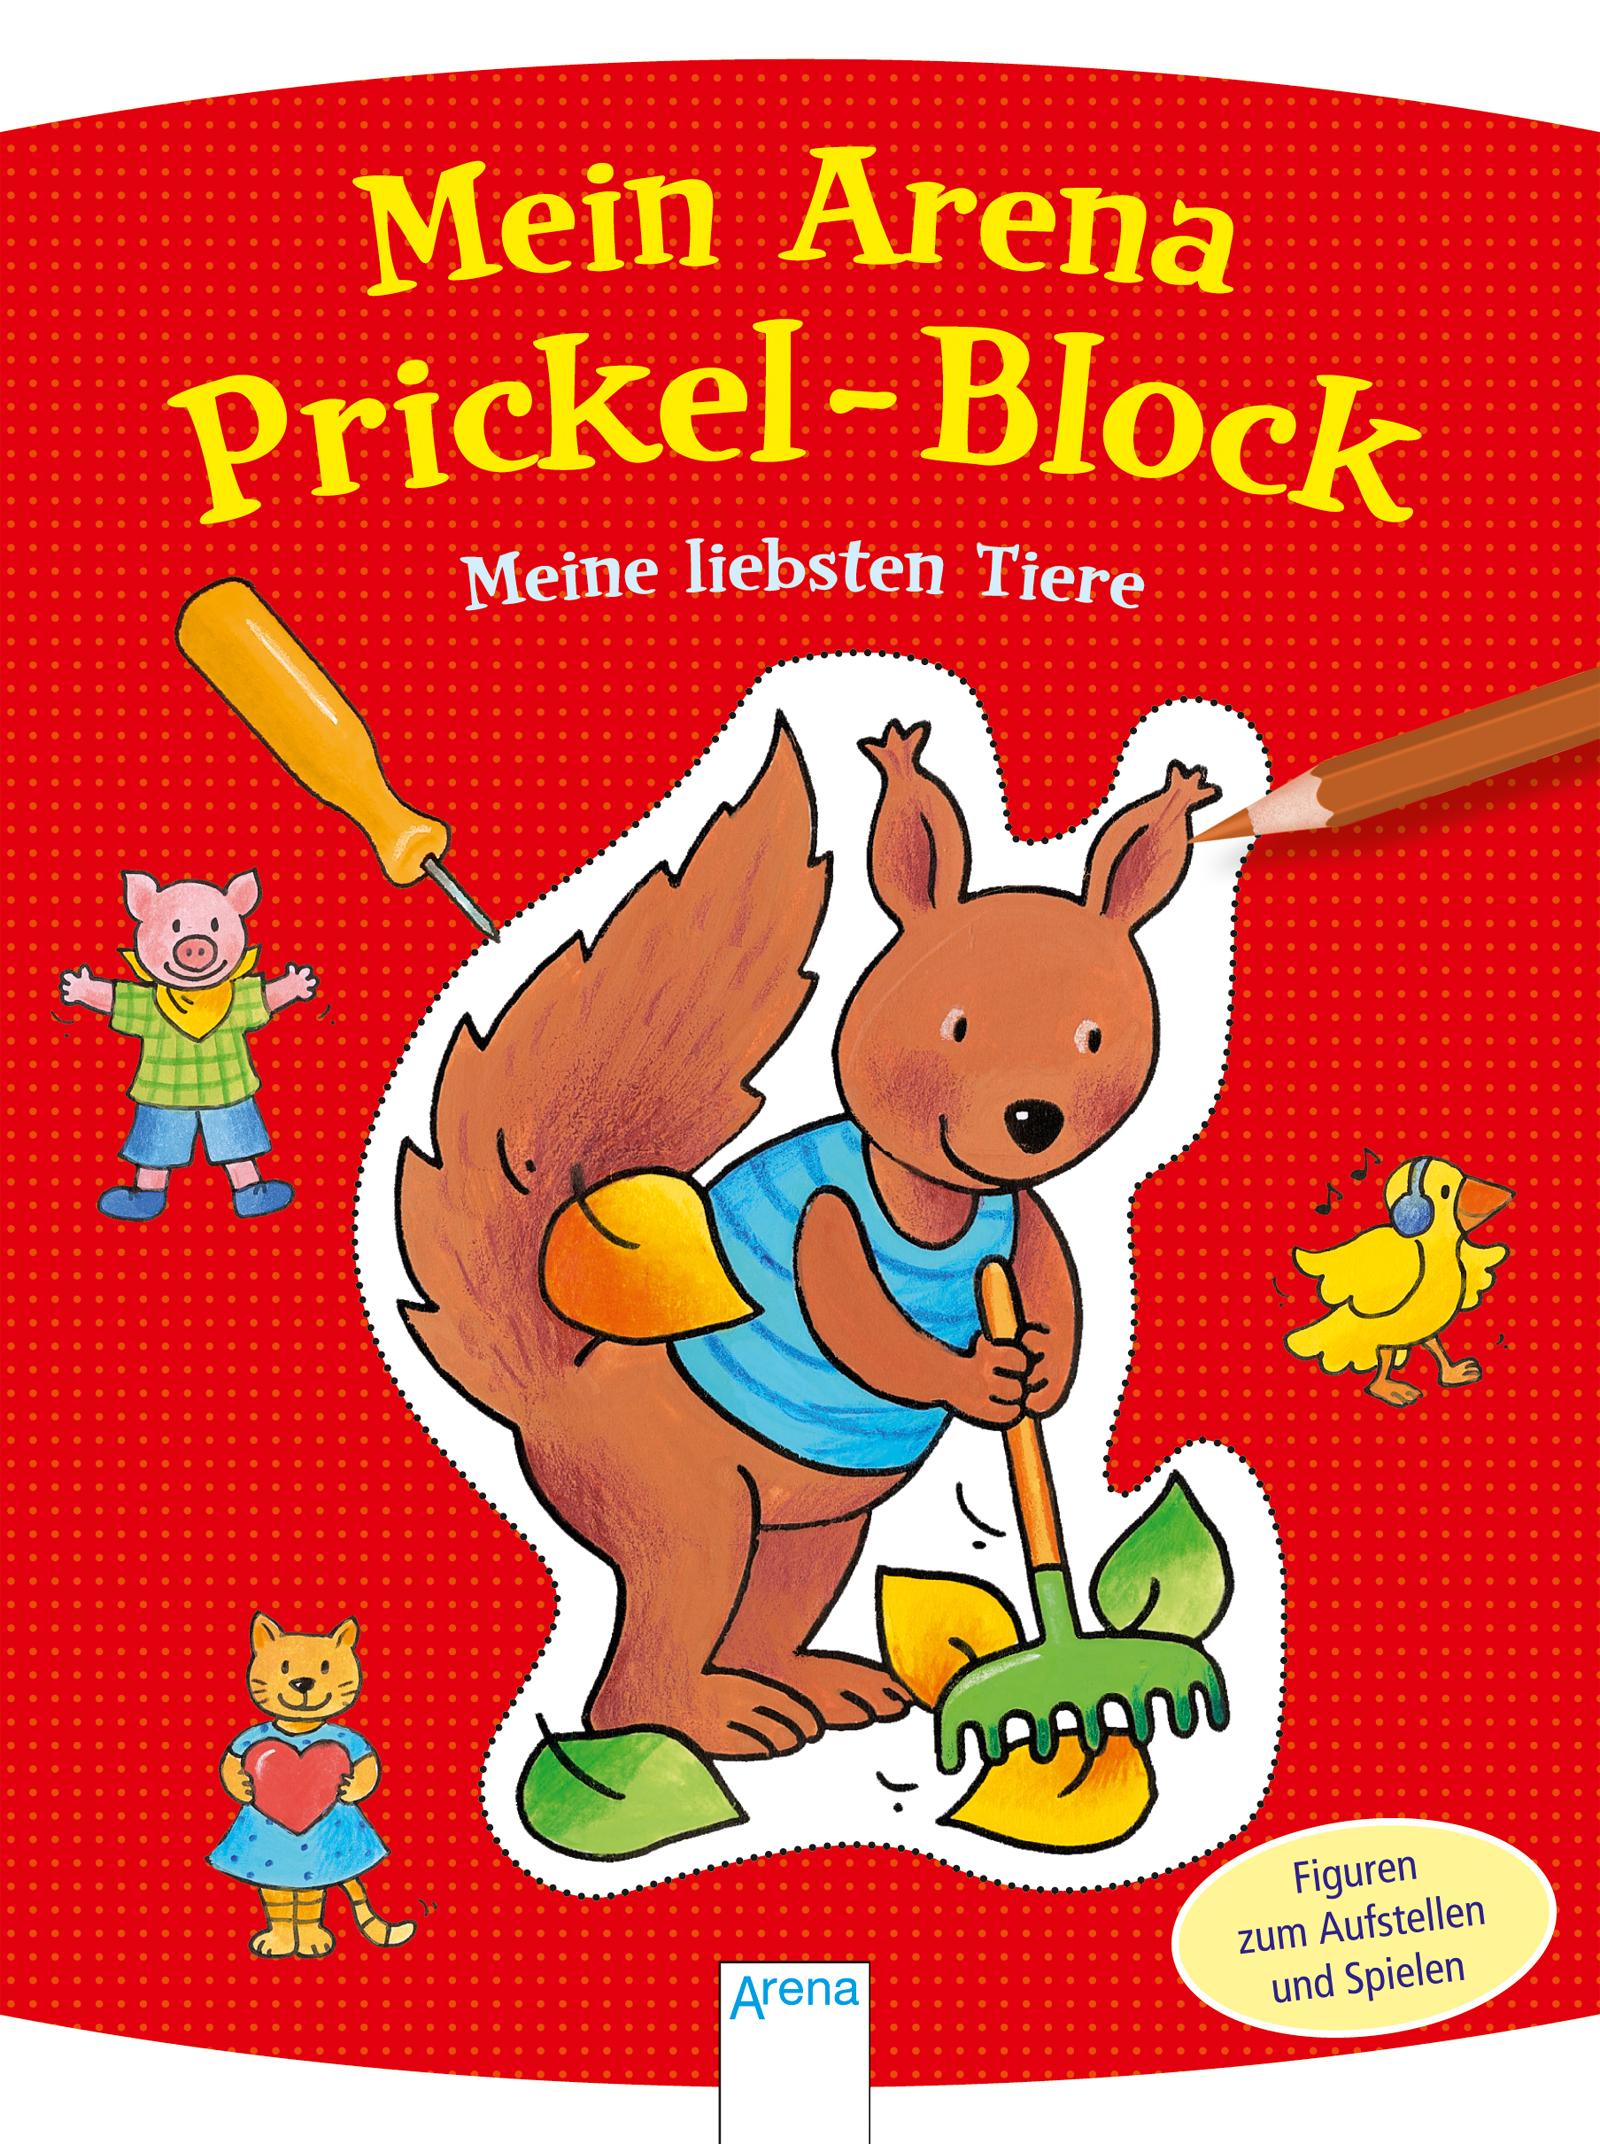 NEU-Mein-Arena-Prickel-Block-Meine-liebsten-Tiere-Corina-Beurenmeister-707280